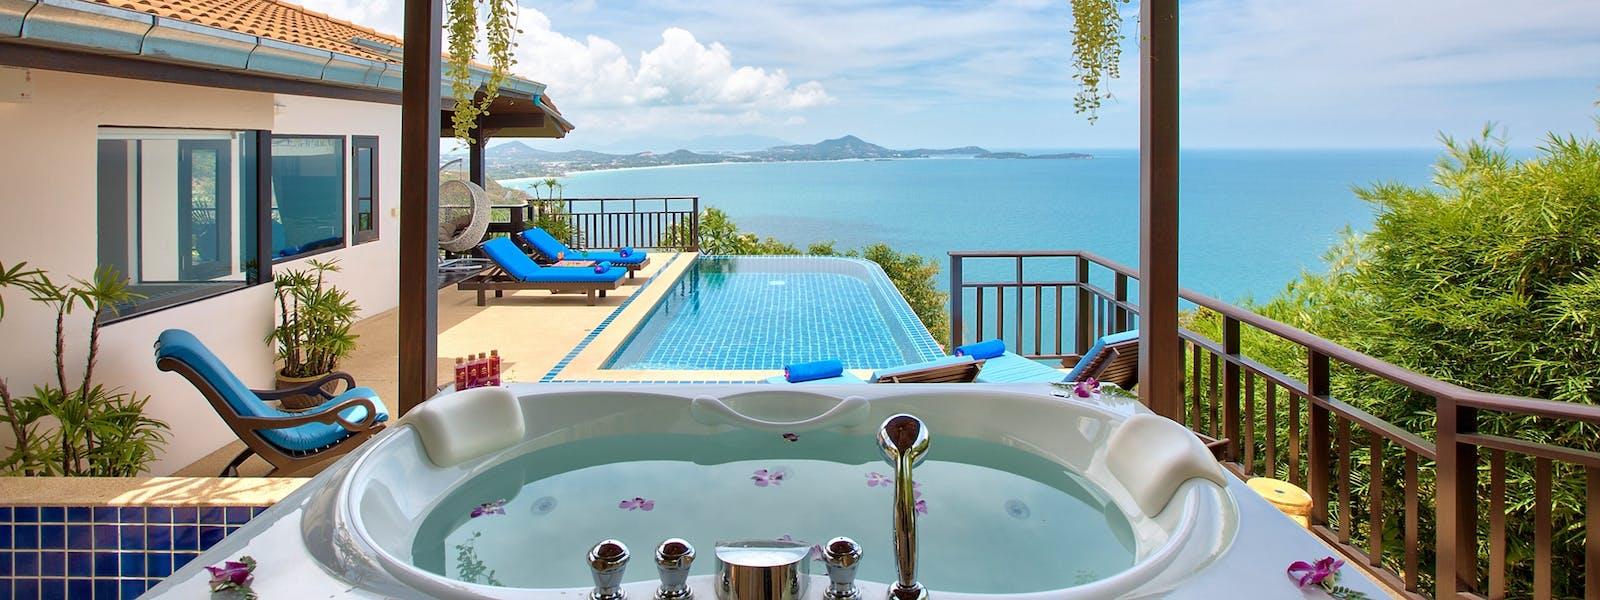 Home | Sandalwood Luxury Villas